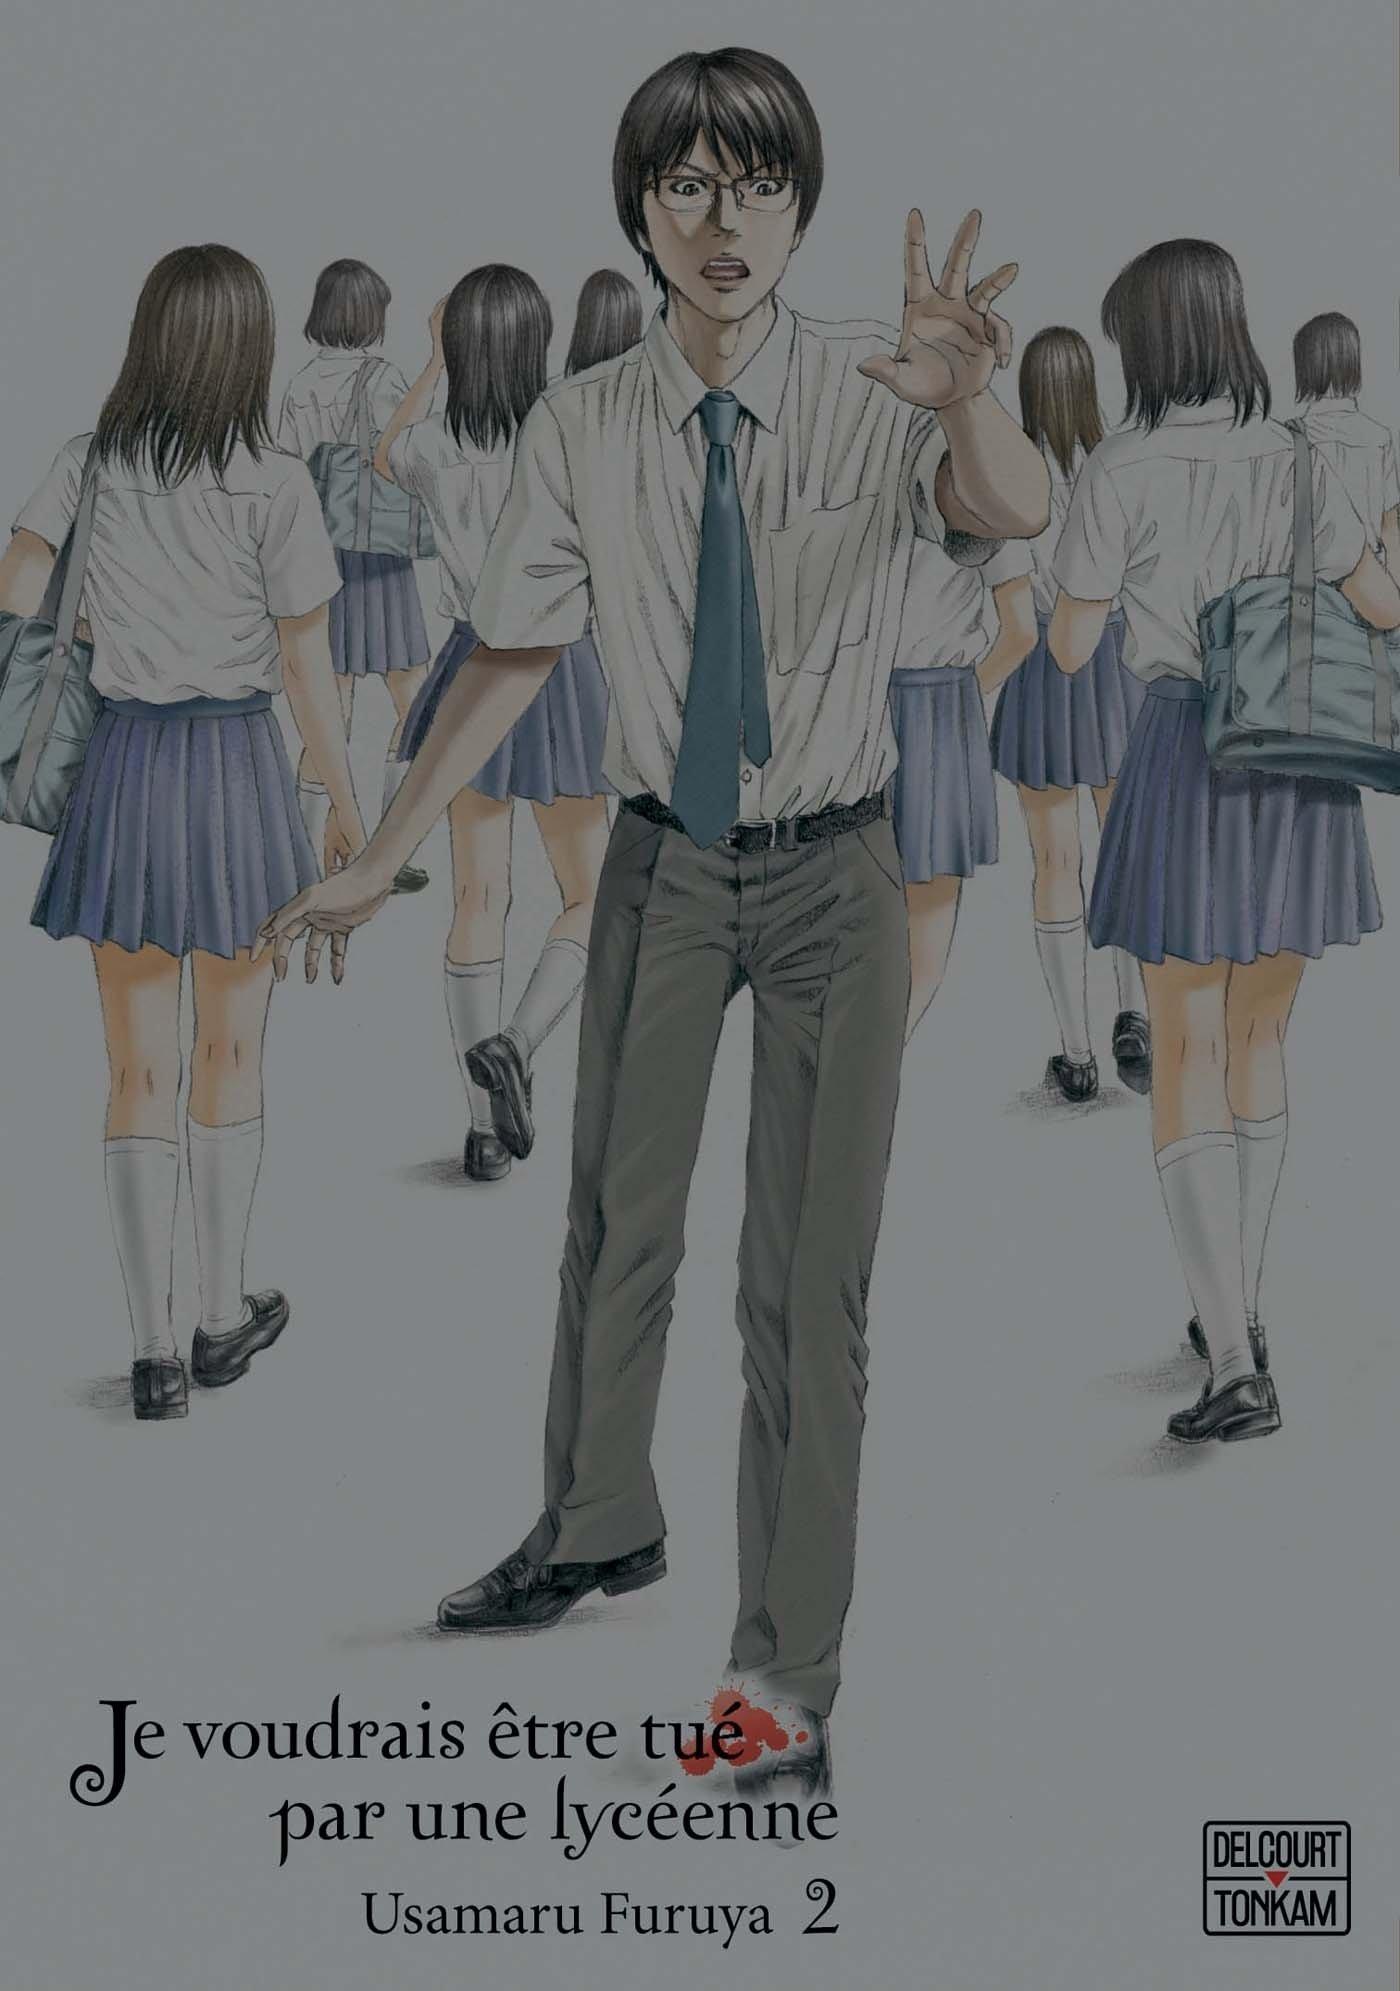 Je voudrais être tué par une lycéenne 2